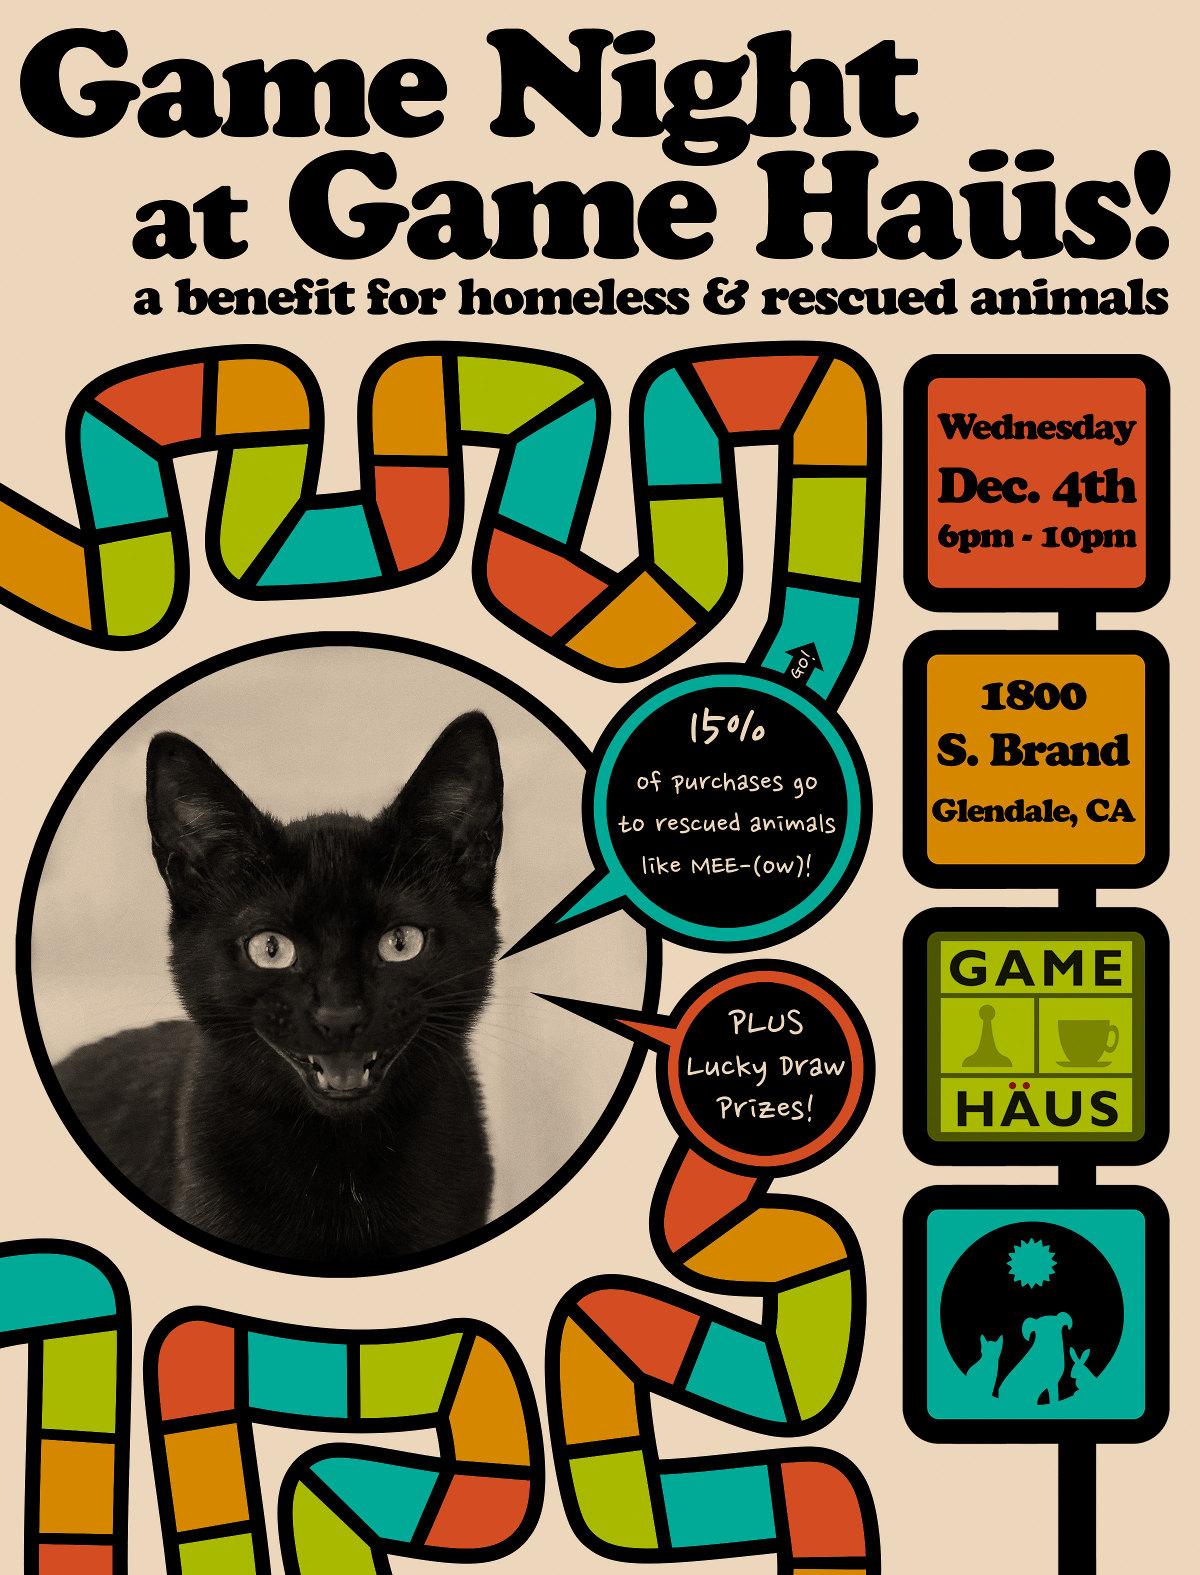 Game Night at Game Haus